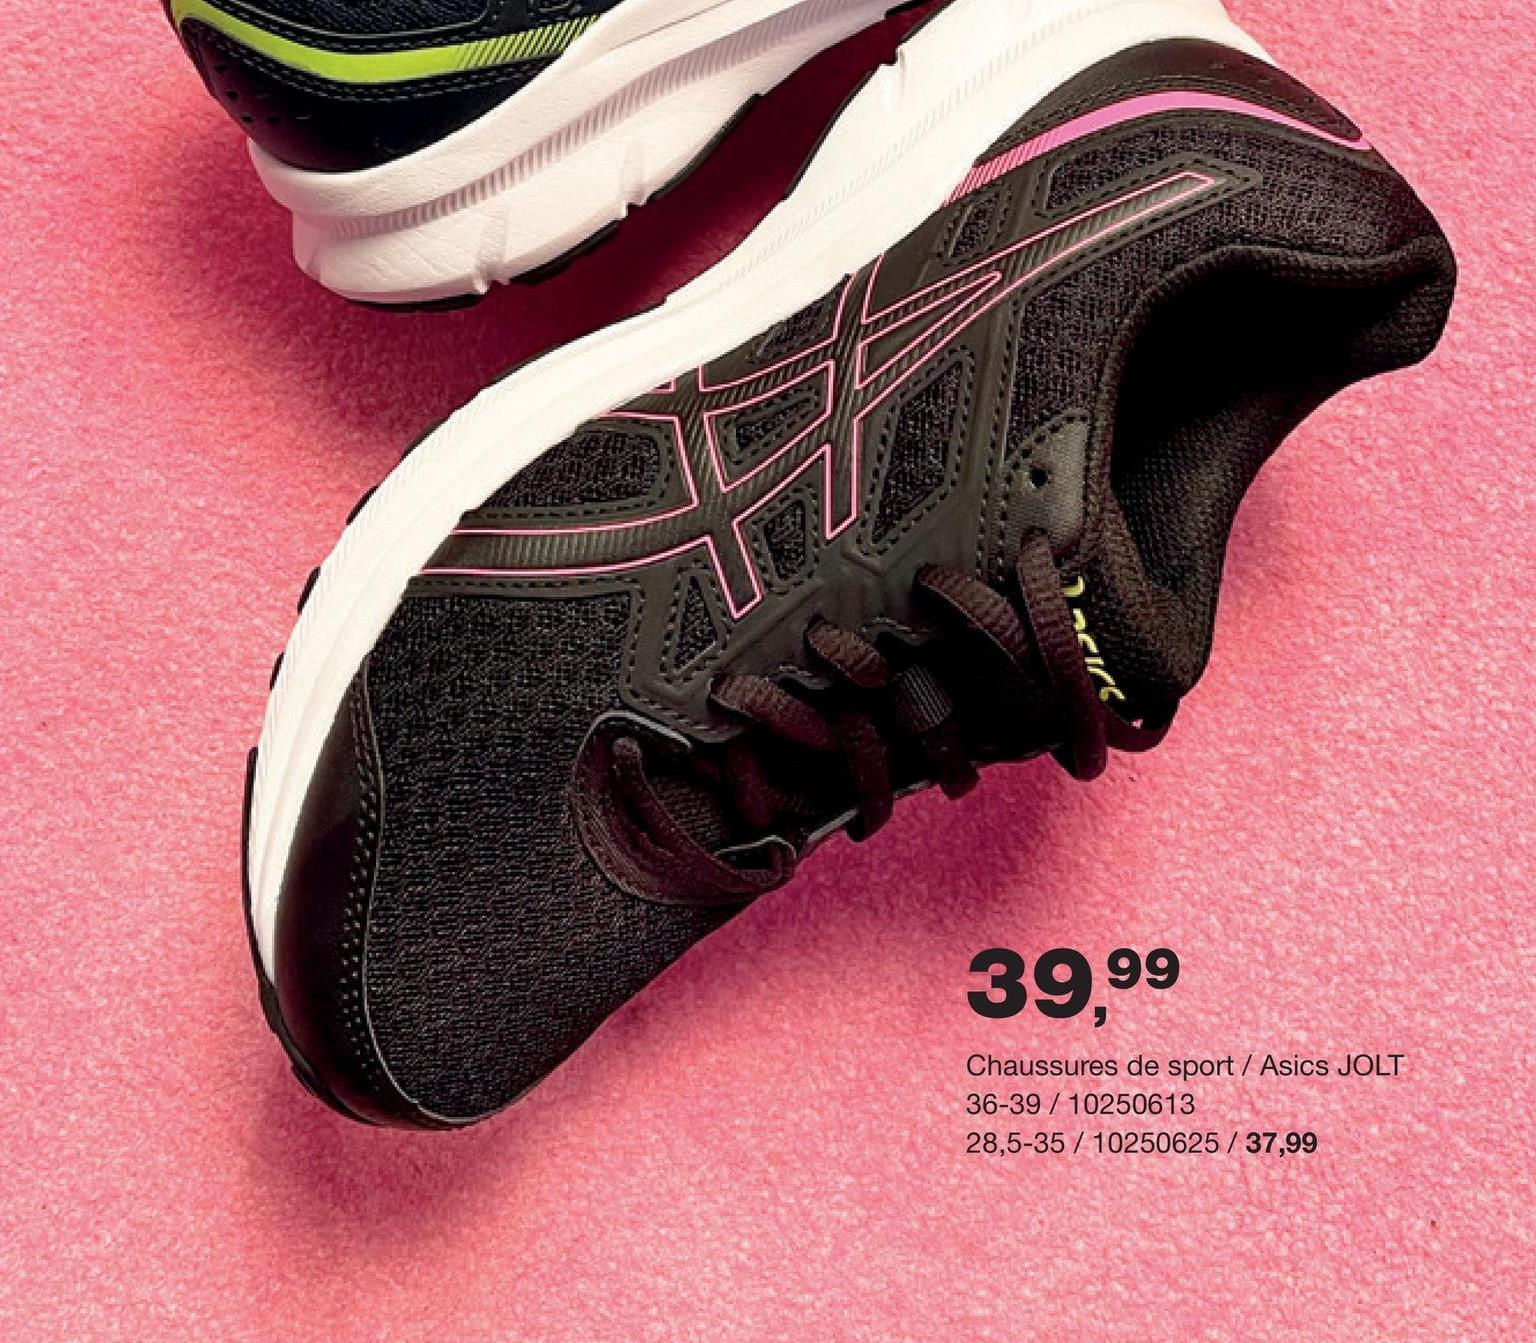 Chaussure de course Jolt 3 GS Asics - Noir Chaussure de course qualitative et confortable à lacets de la marque Asics pour filles. Avec semelle côtelée pour une adhérence optimale.